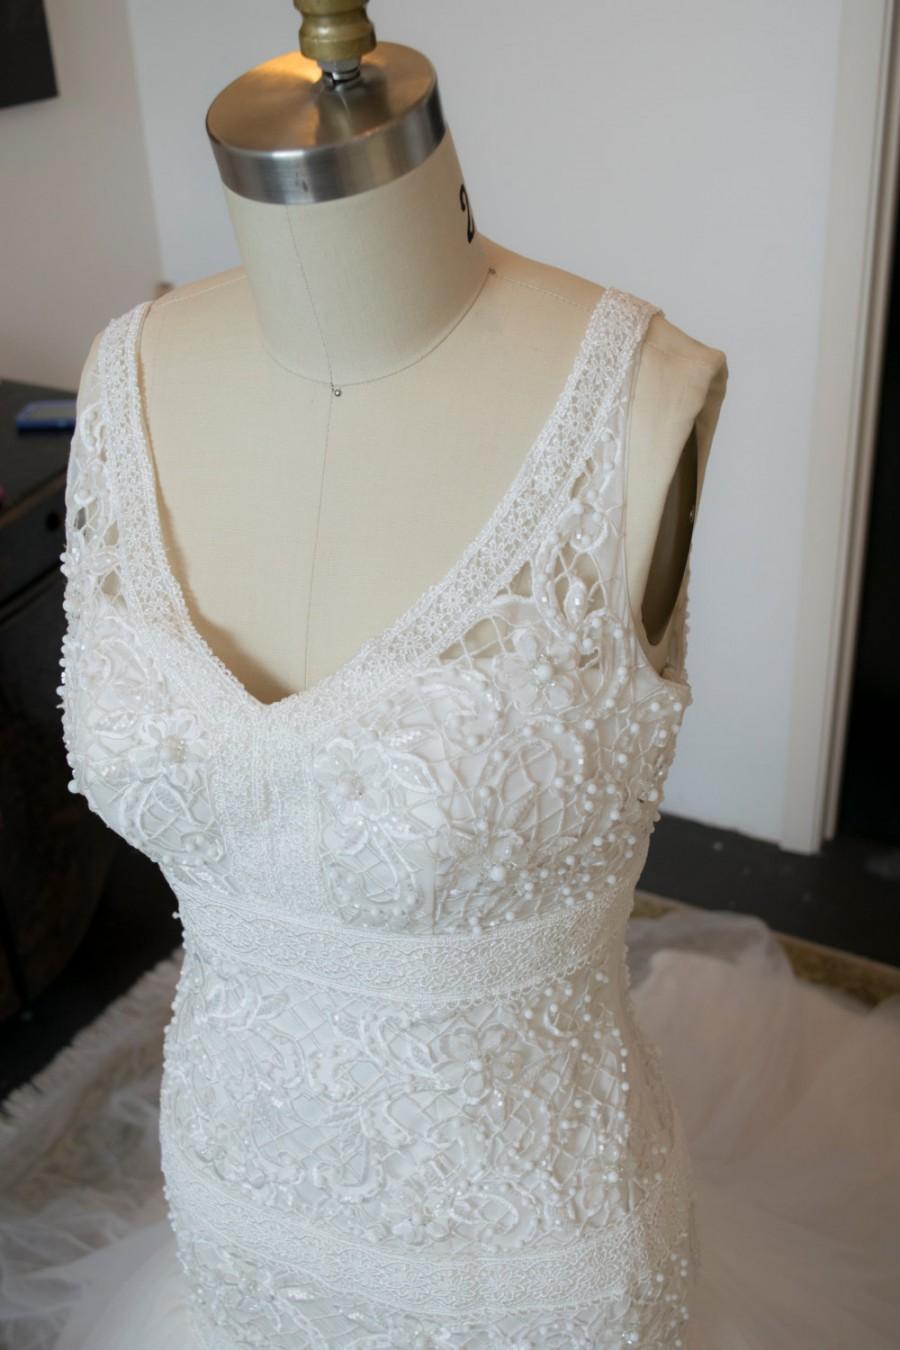 Mariage - Unique Crochet Lace Pattern Wedding Dress, Beaded Wedding Dress, Trumpet Wedding Dress, Long Train, Dramatic Wedding Dress, Lace Wedding